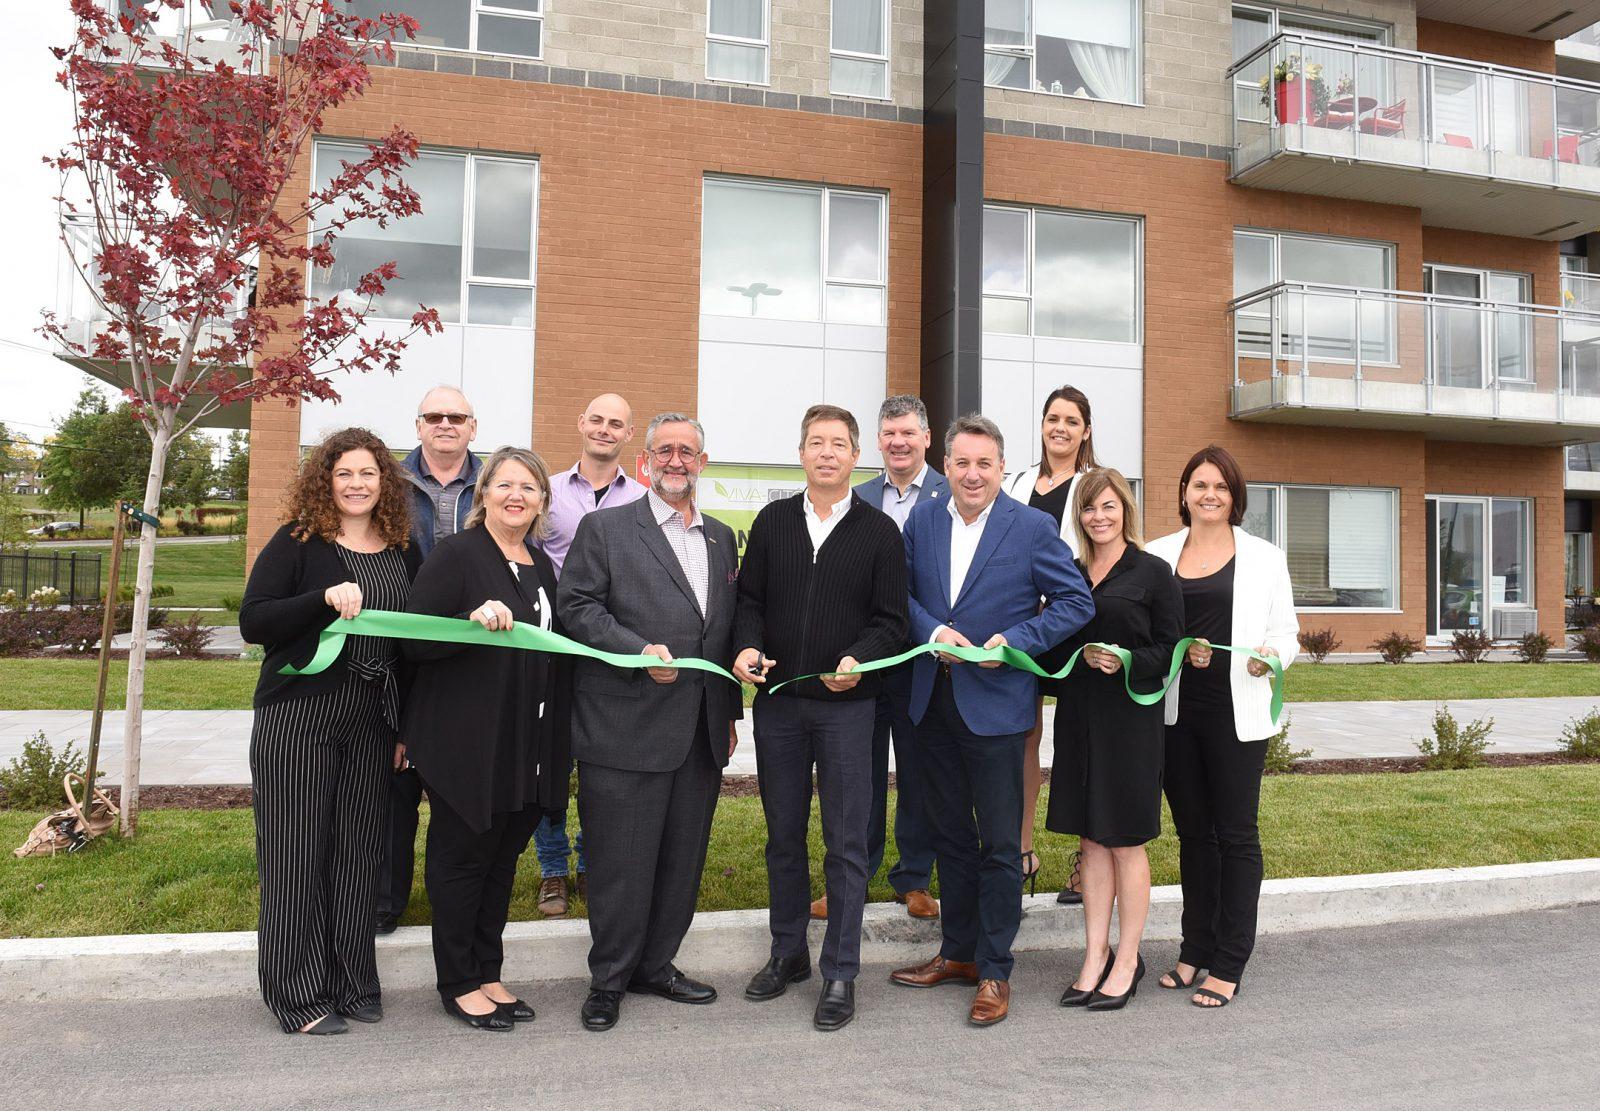 Inauguration des complexes résidentiels VIVA-CITÉ Brossard et VIVA-CITÉ Sainte-Julie